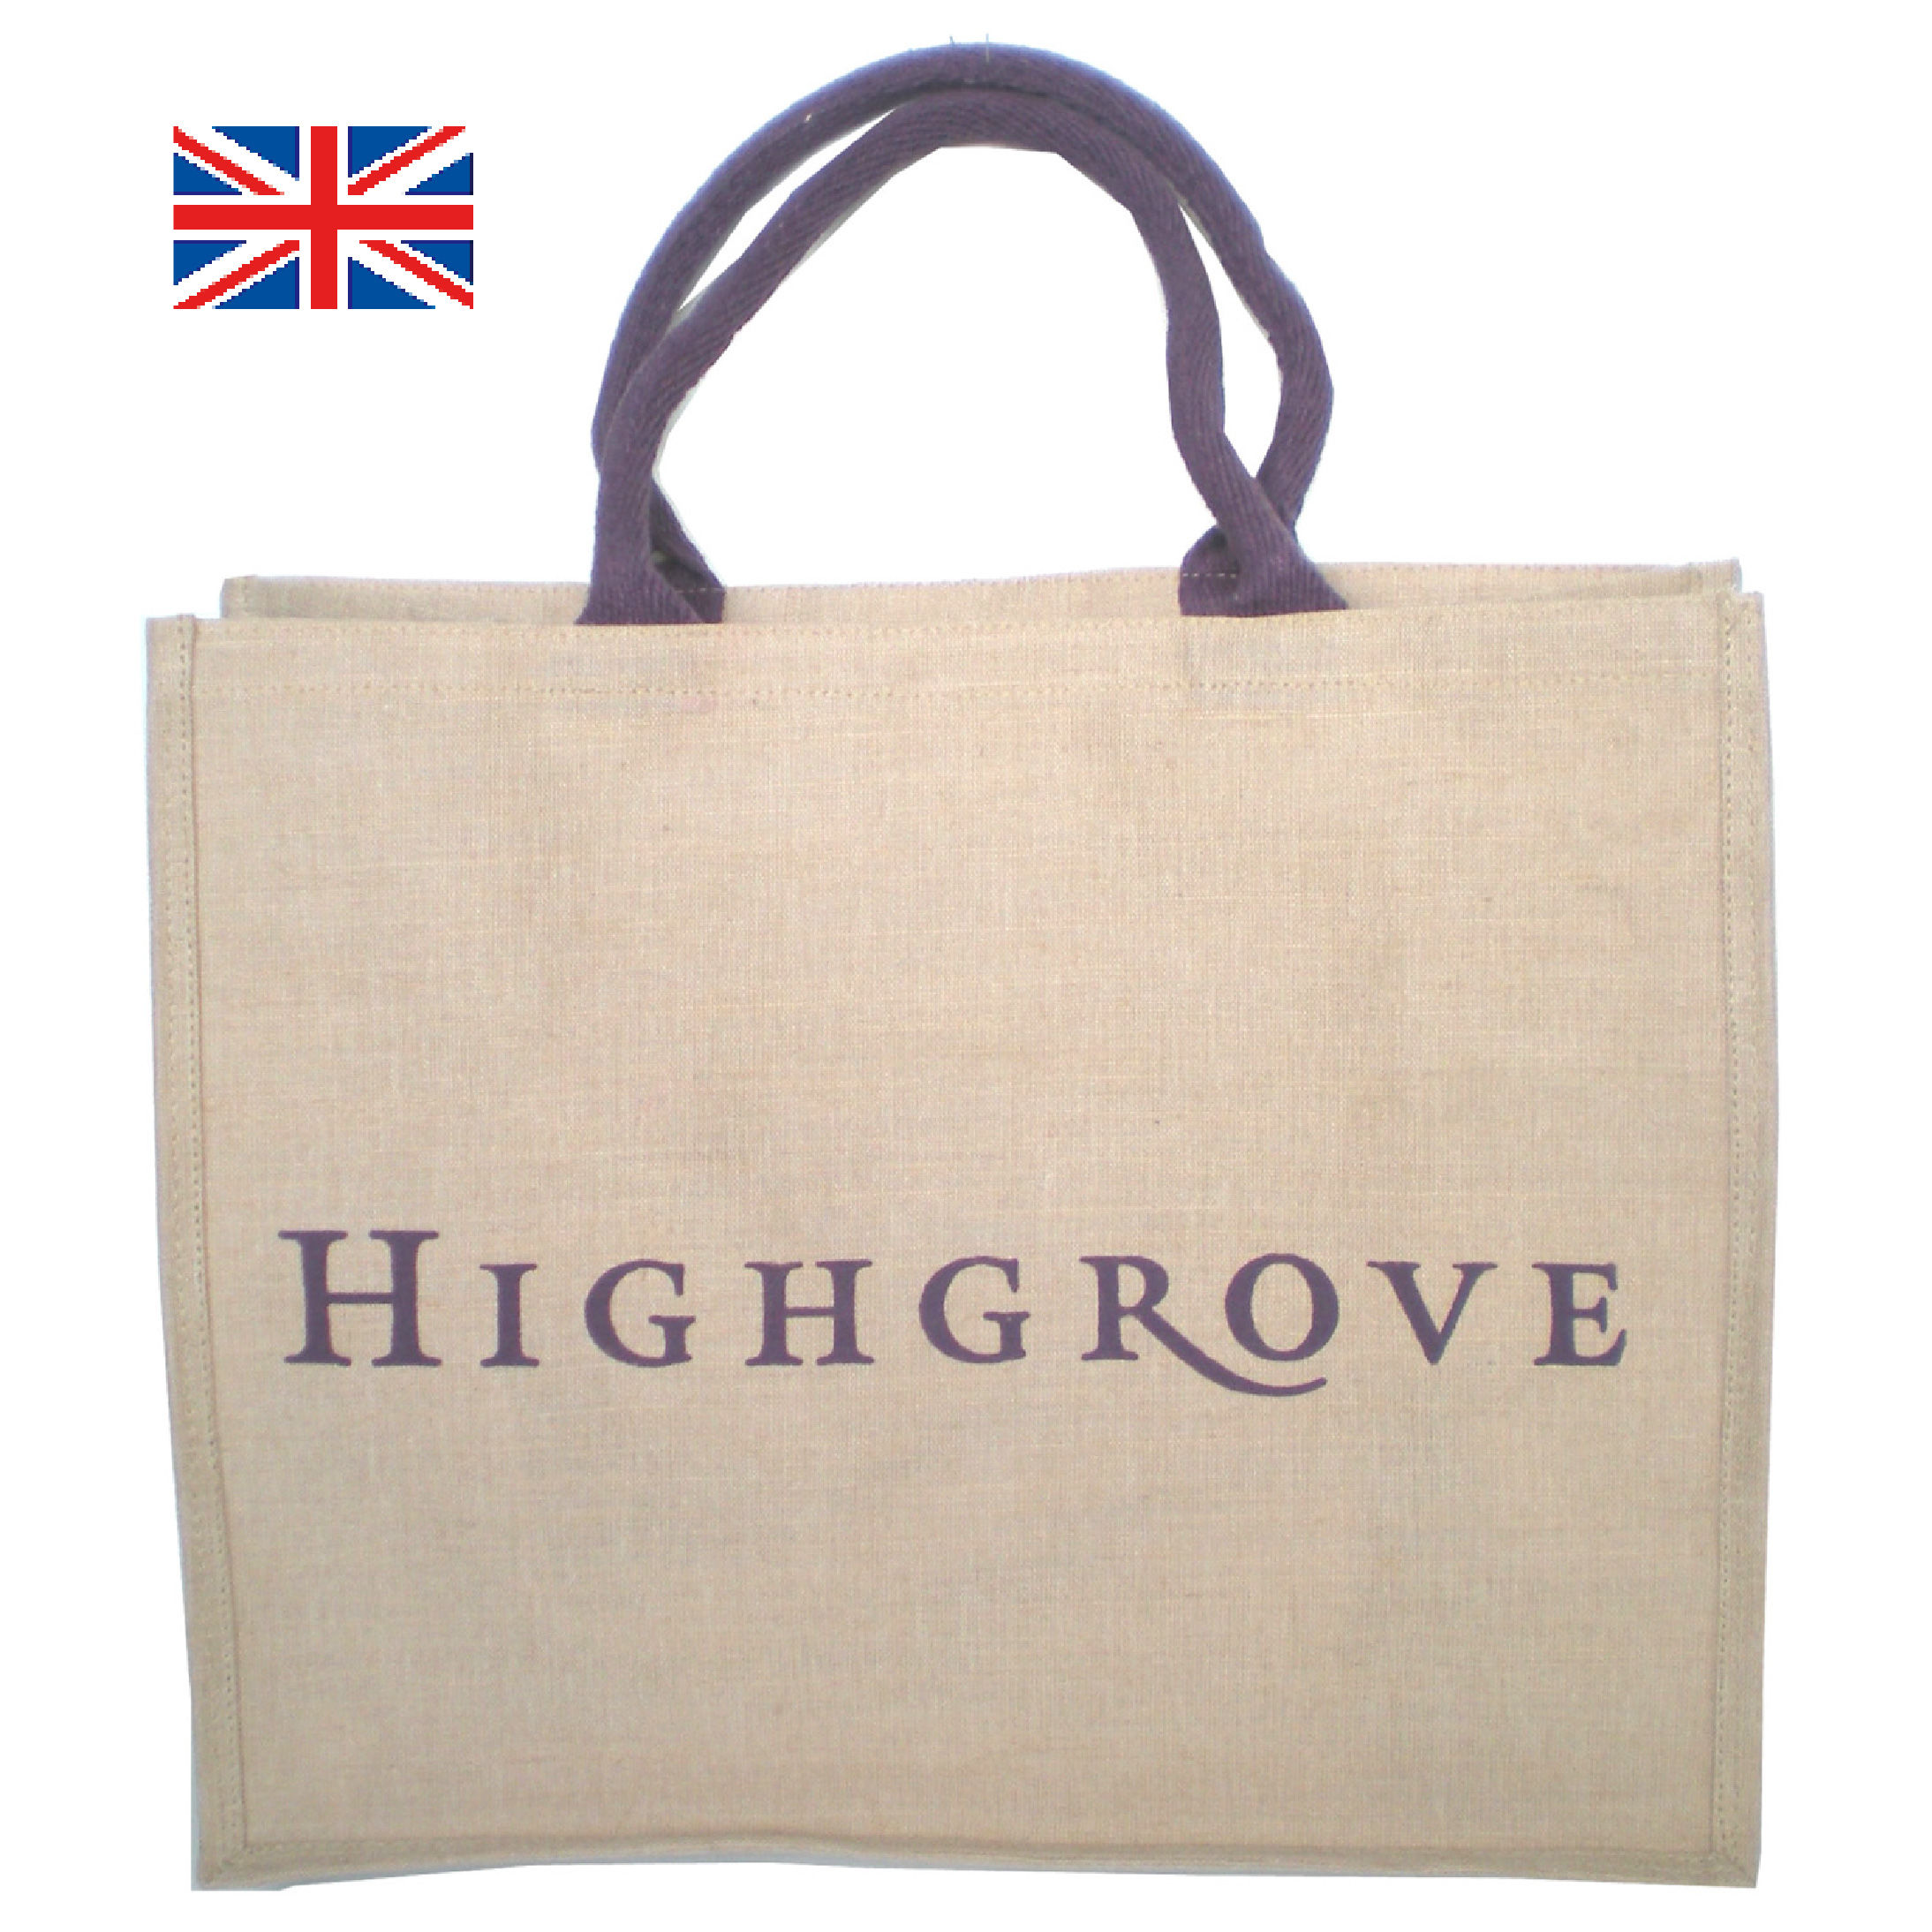 英国王室御用達 HIGHGROVE ハイグローブ エコバッグ (ロープハンドル) イギリス 直輸入